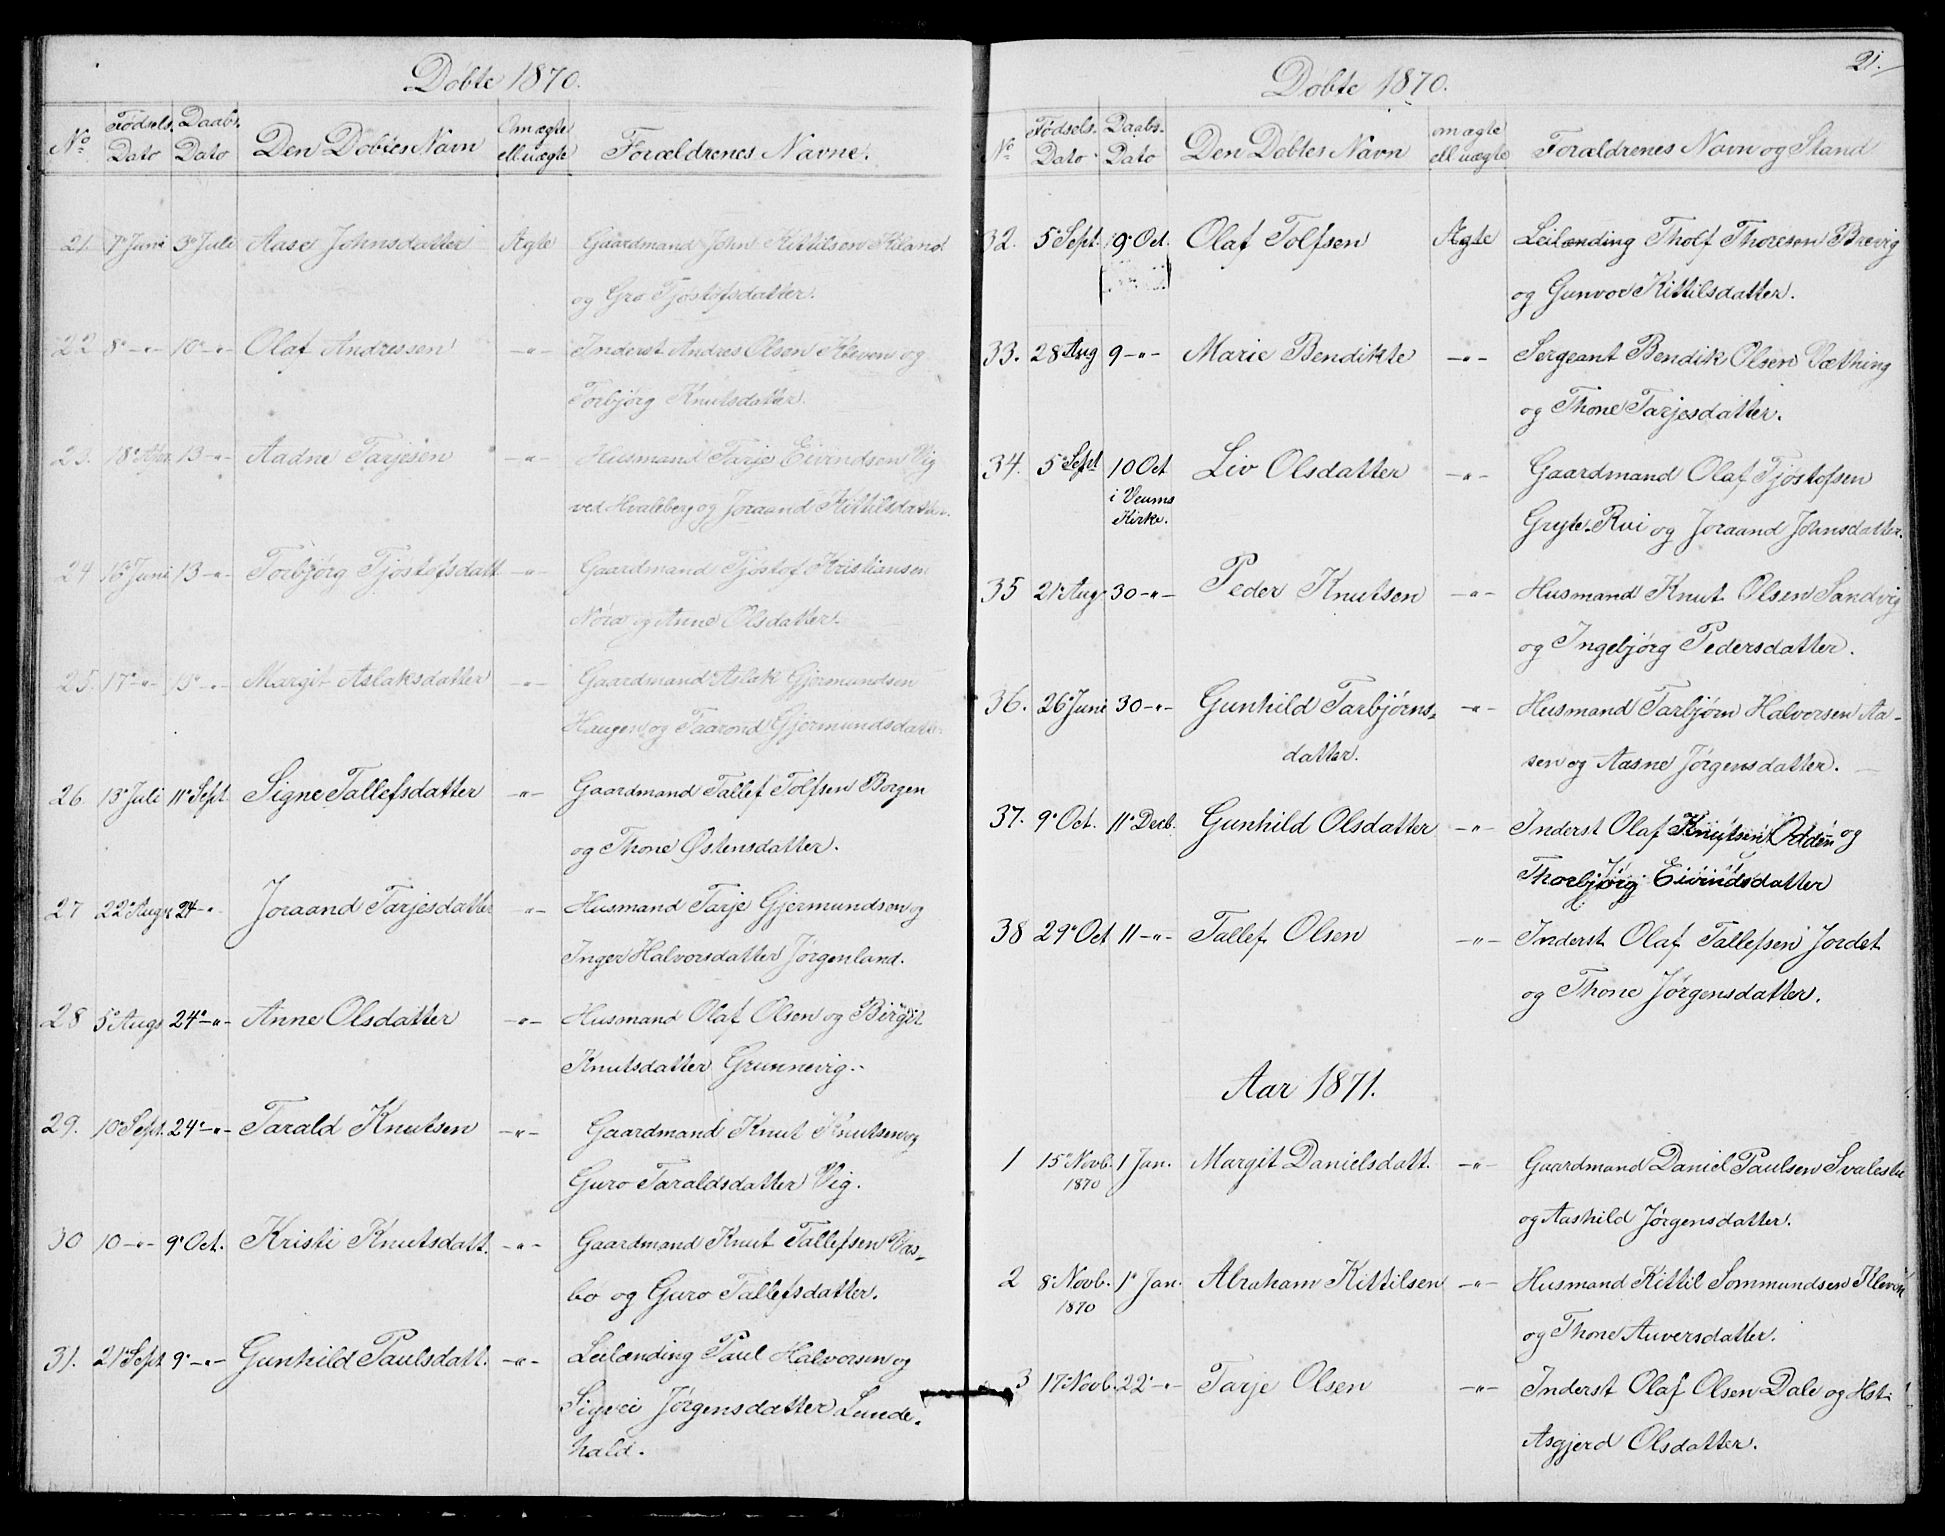 SAKO, Fyresdal kirkebøker, G/Ga/L0004: Klokkerbok nr. I 4, 1864-1892, s. 21